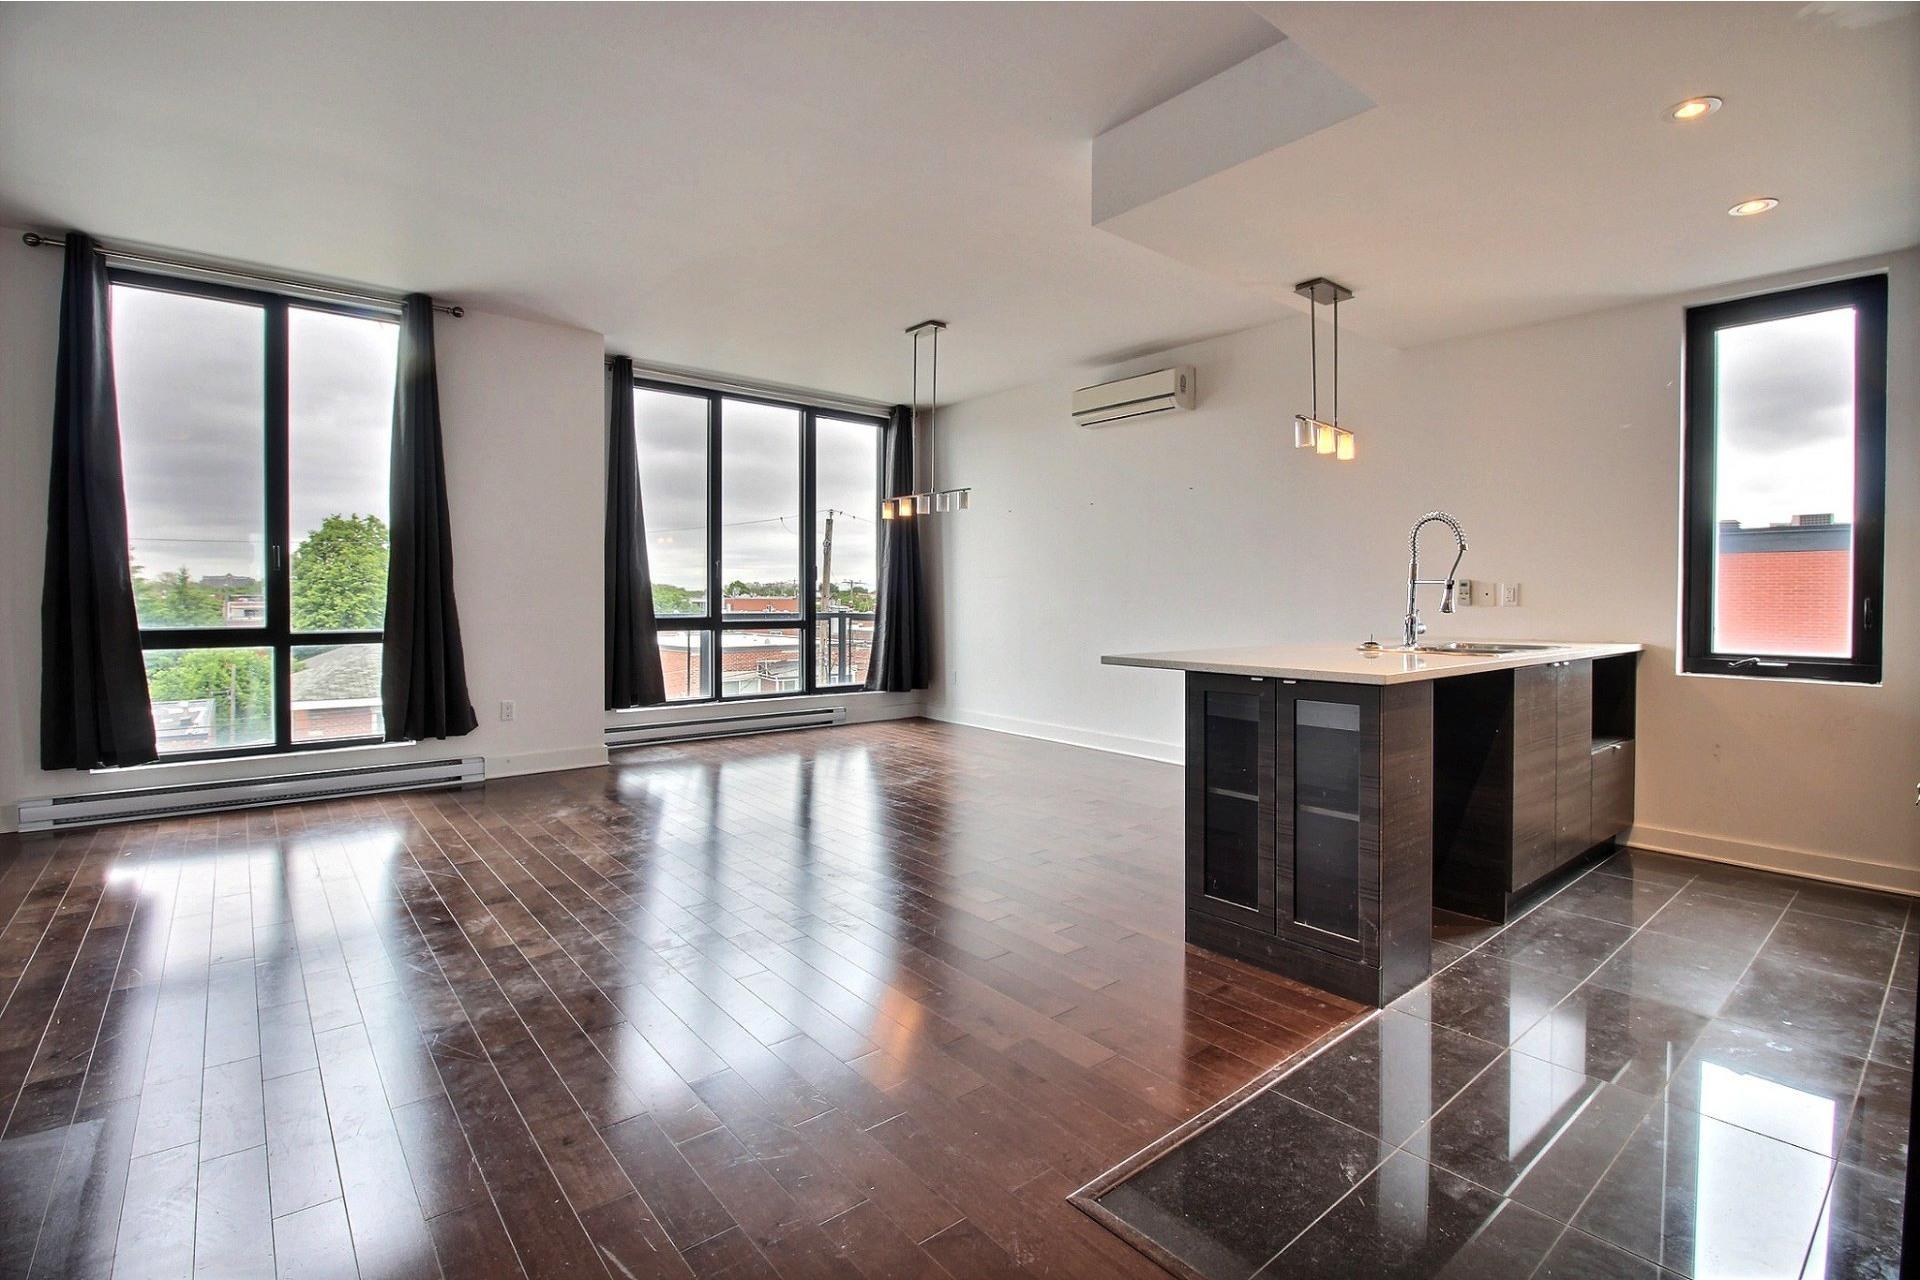 image 0 - Appartement À louer Montréal Villeray/Saint-Michel/Parc-Extension  - 6 pièces